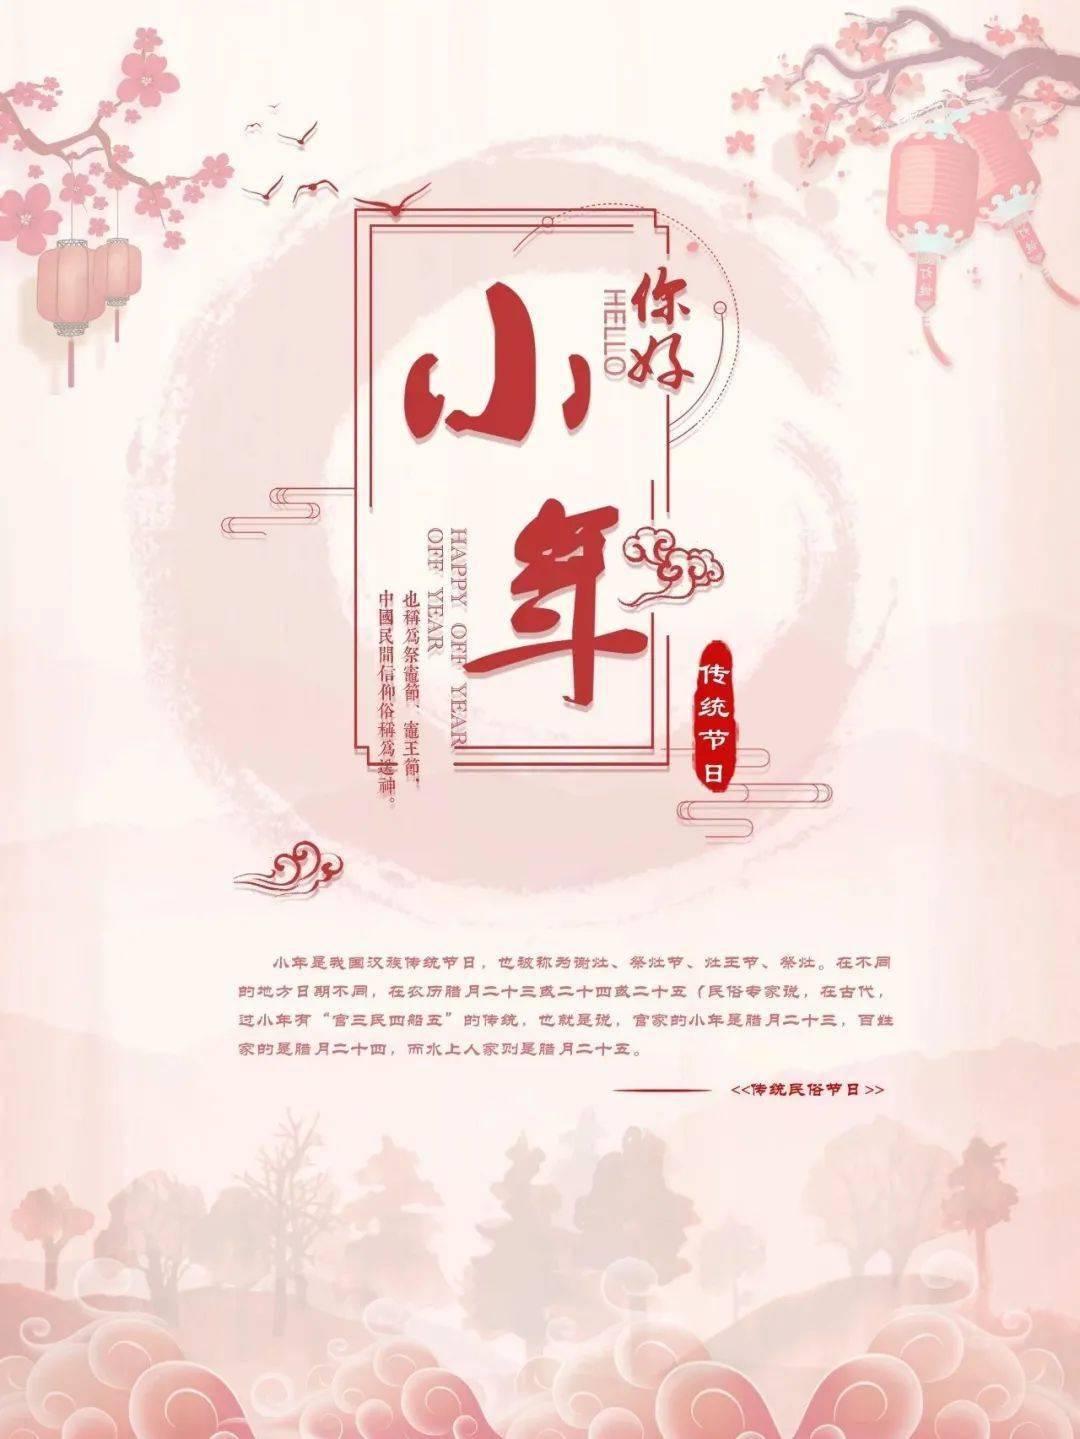 表达立冬快乐的祝福语大合集55句 立冬宣传语十字以内